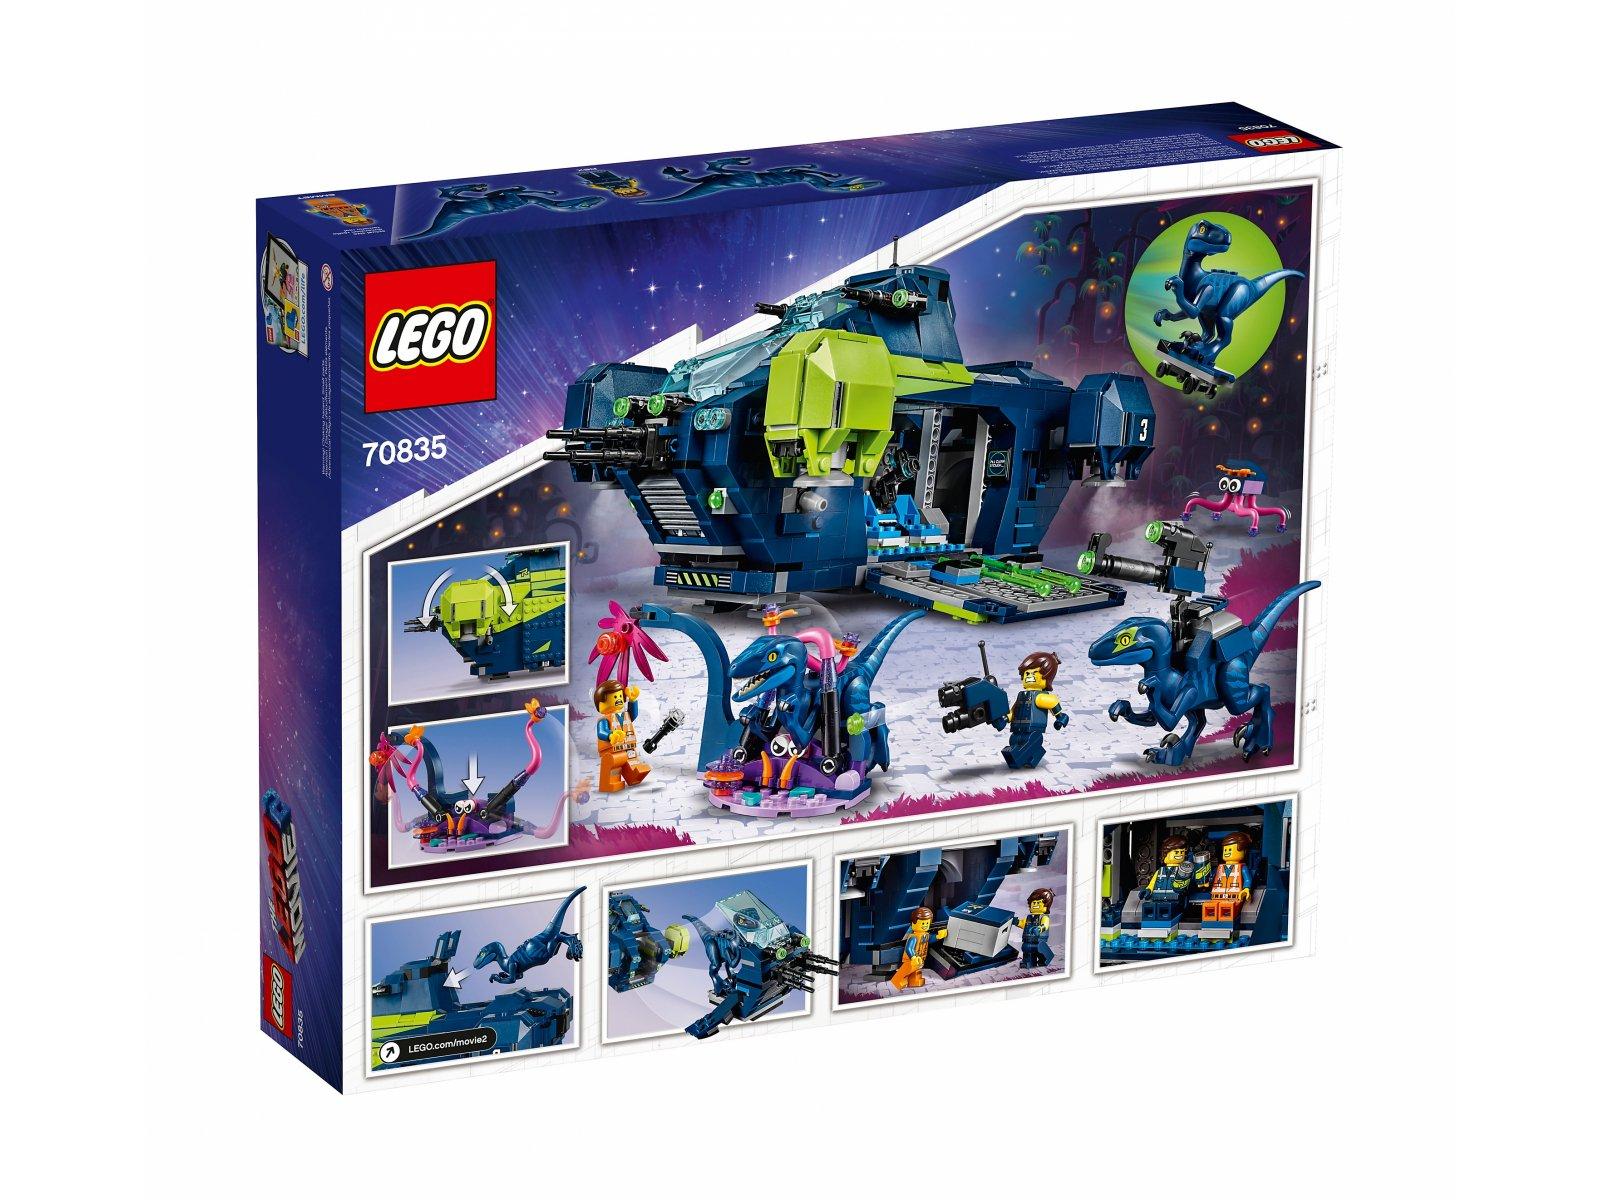 LEGO 70835 Rexplorer Rexa!